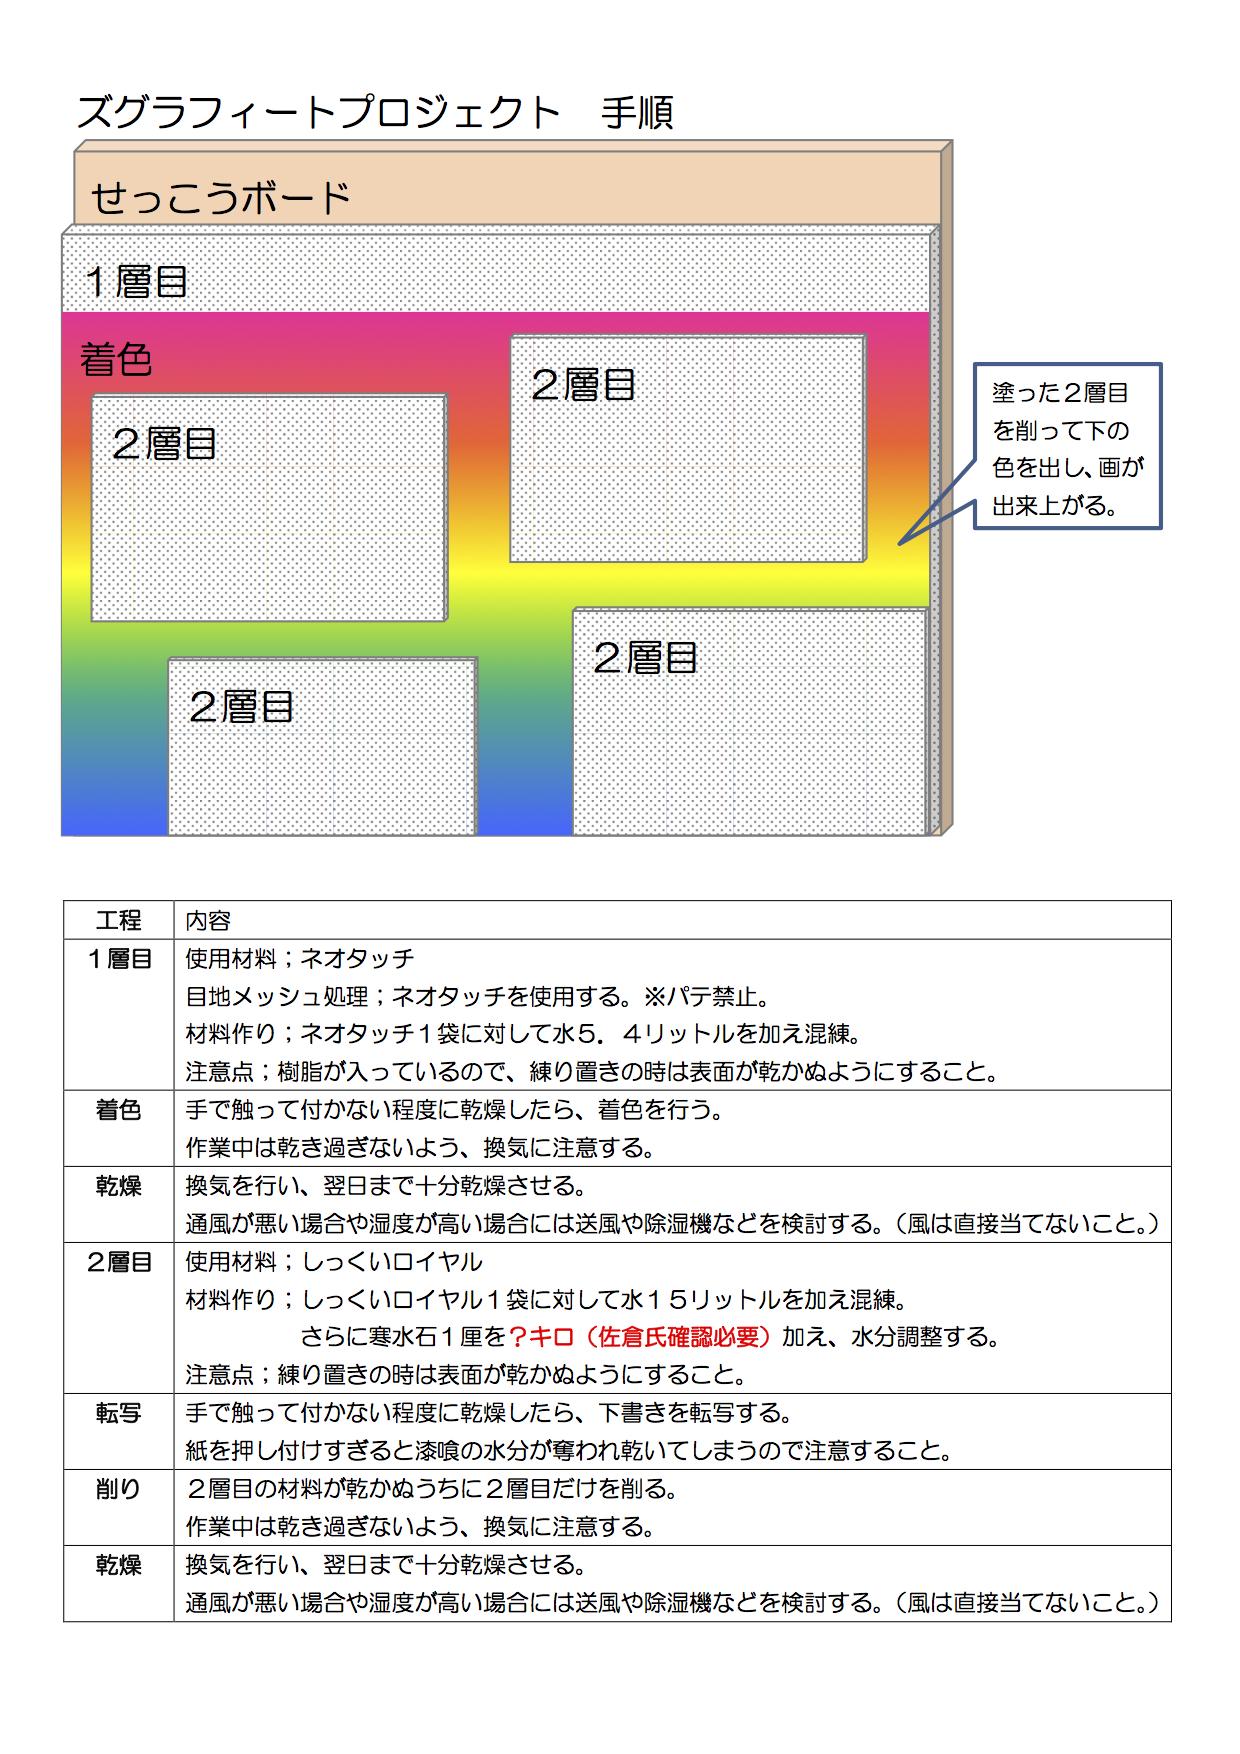 ズグラフィートプロジェクト手順 のコピー